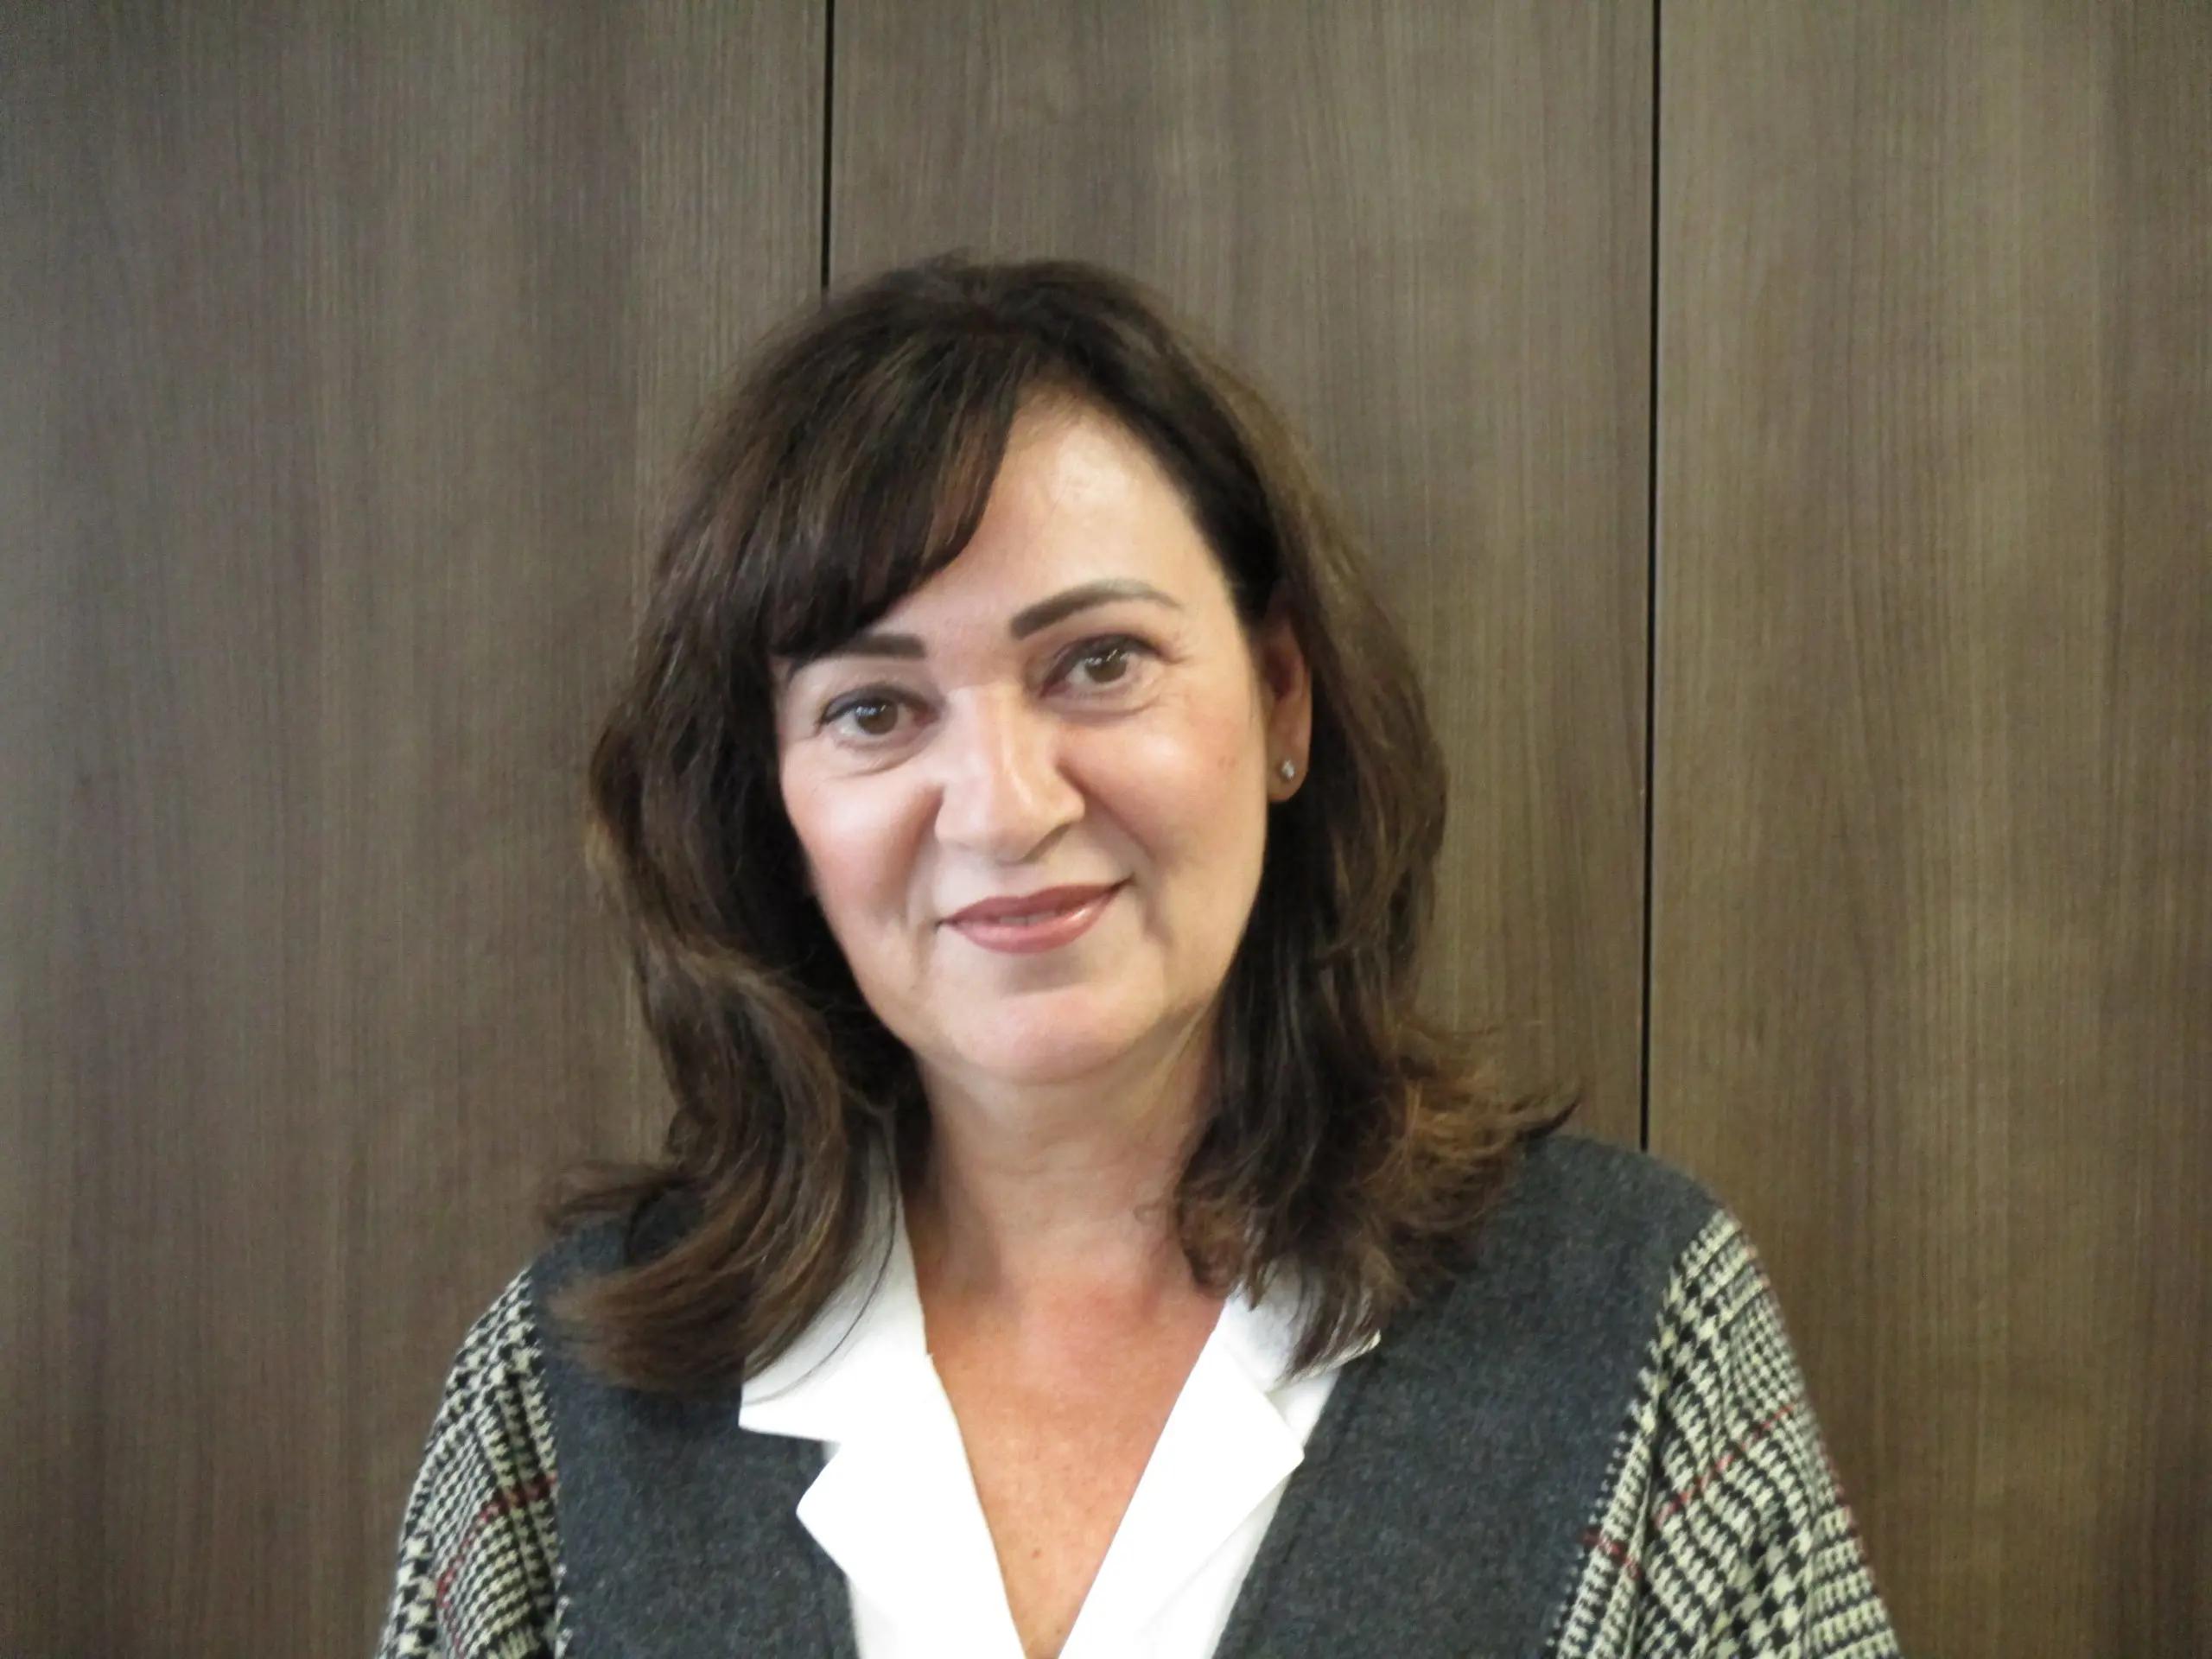 Zoe Krtinic